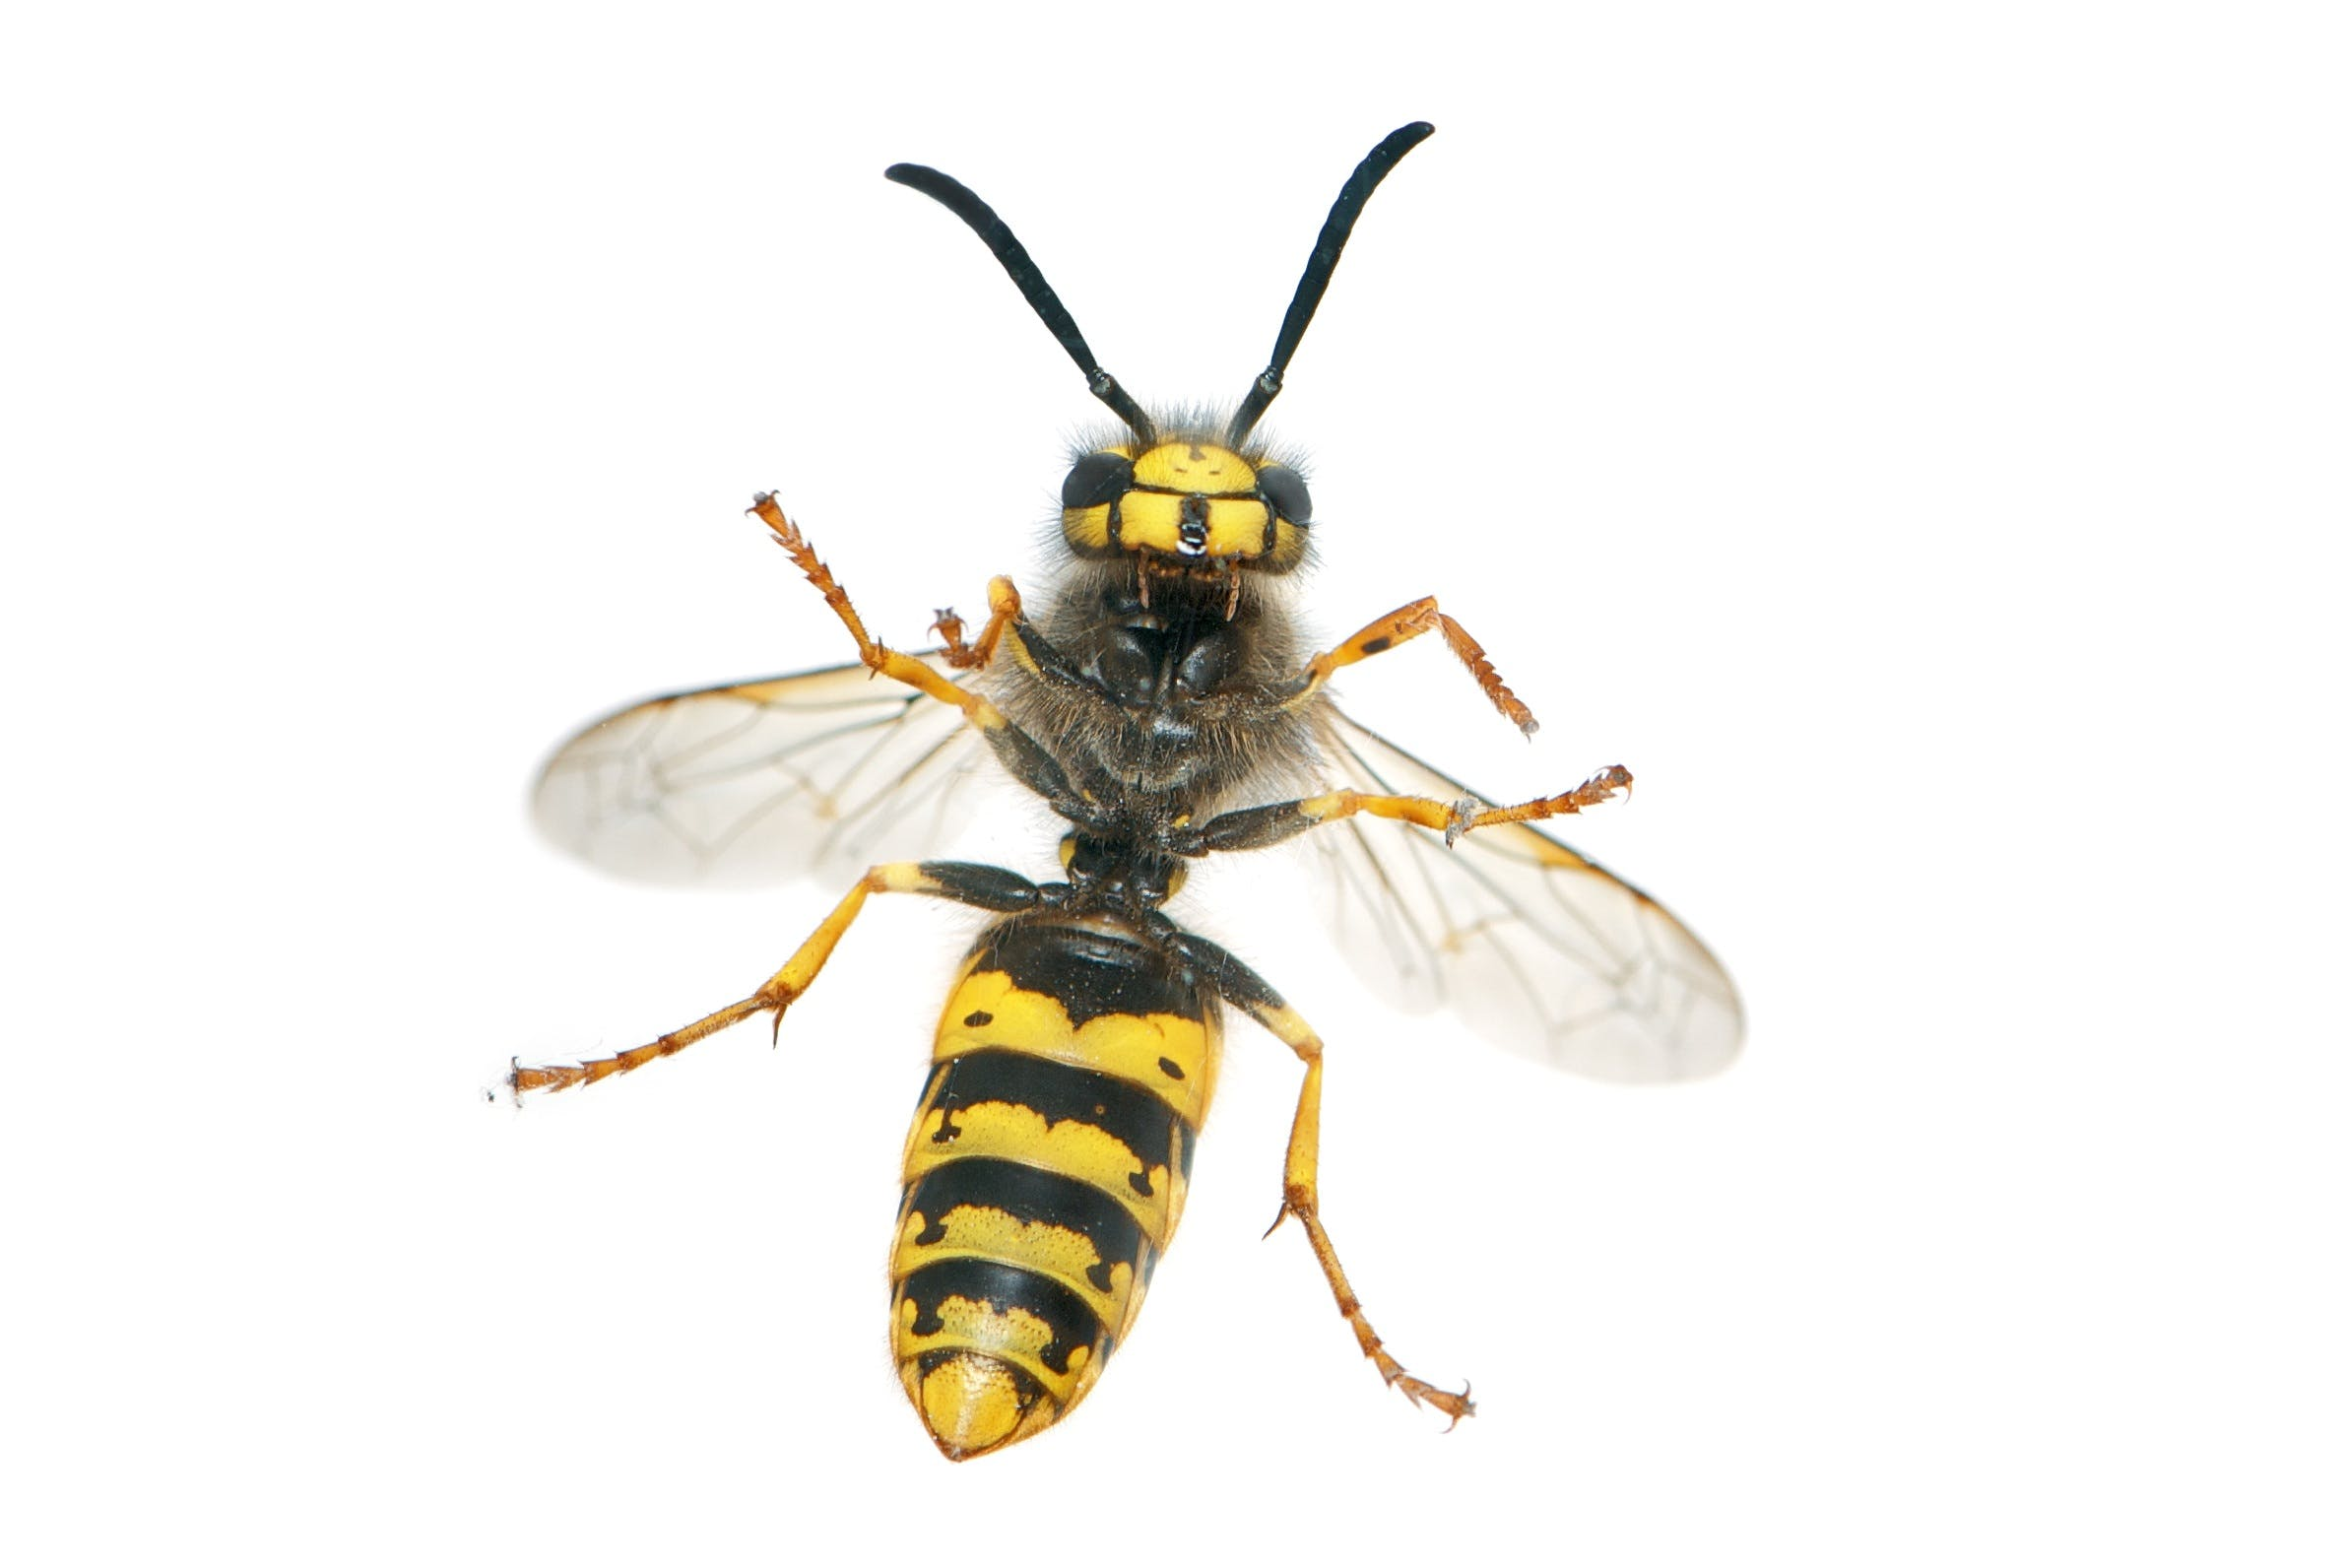 ハチ, 昆虫, 閉じるの無料の写真素材